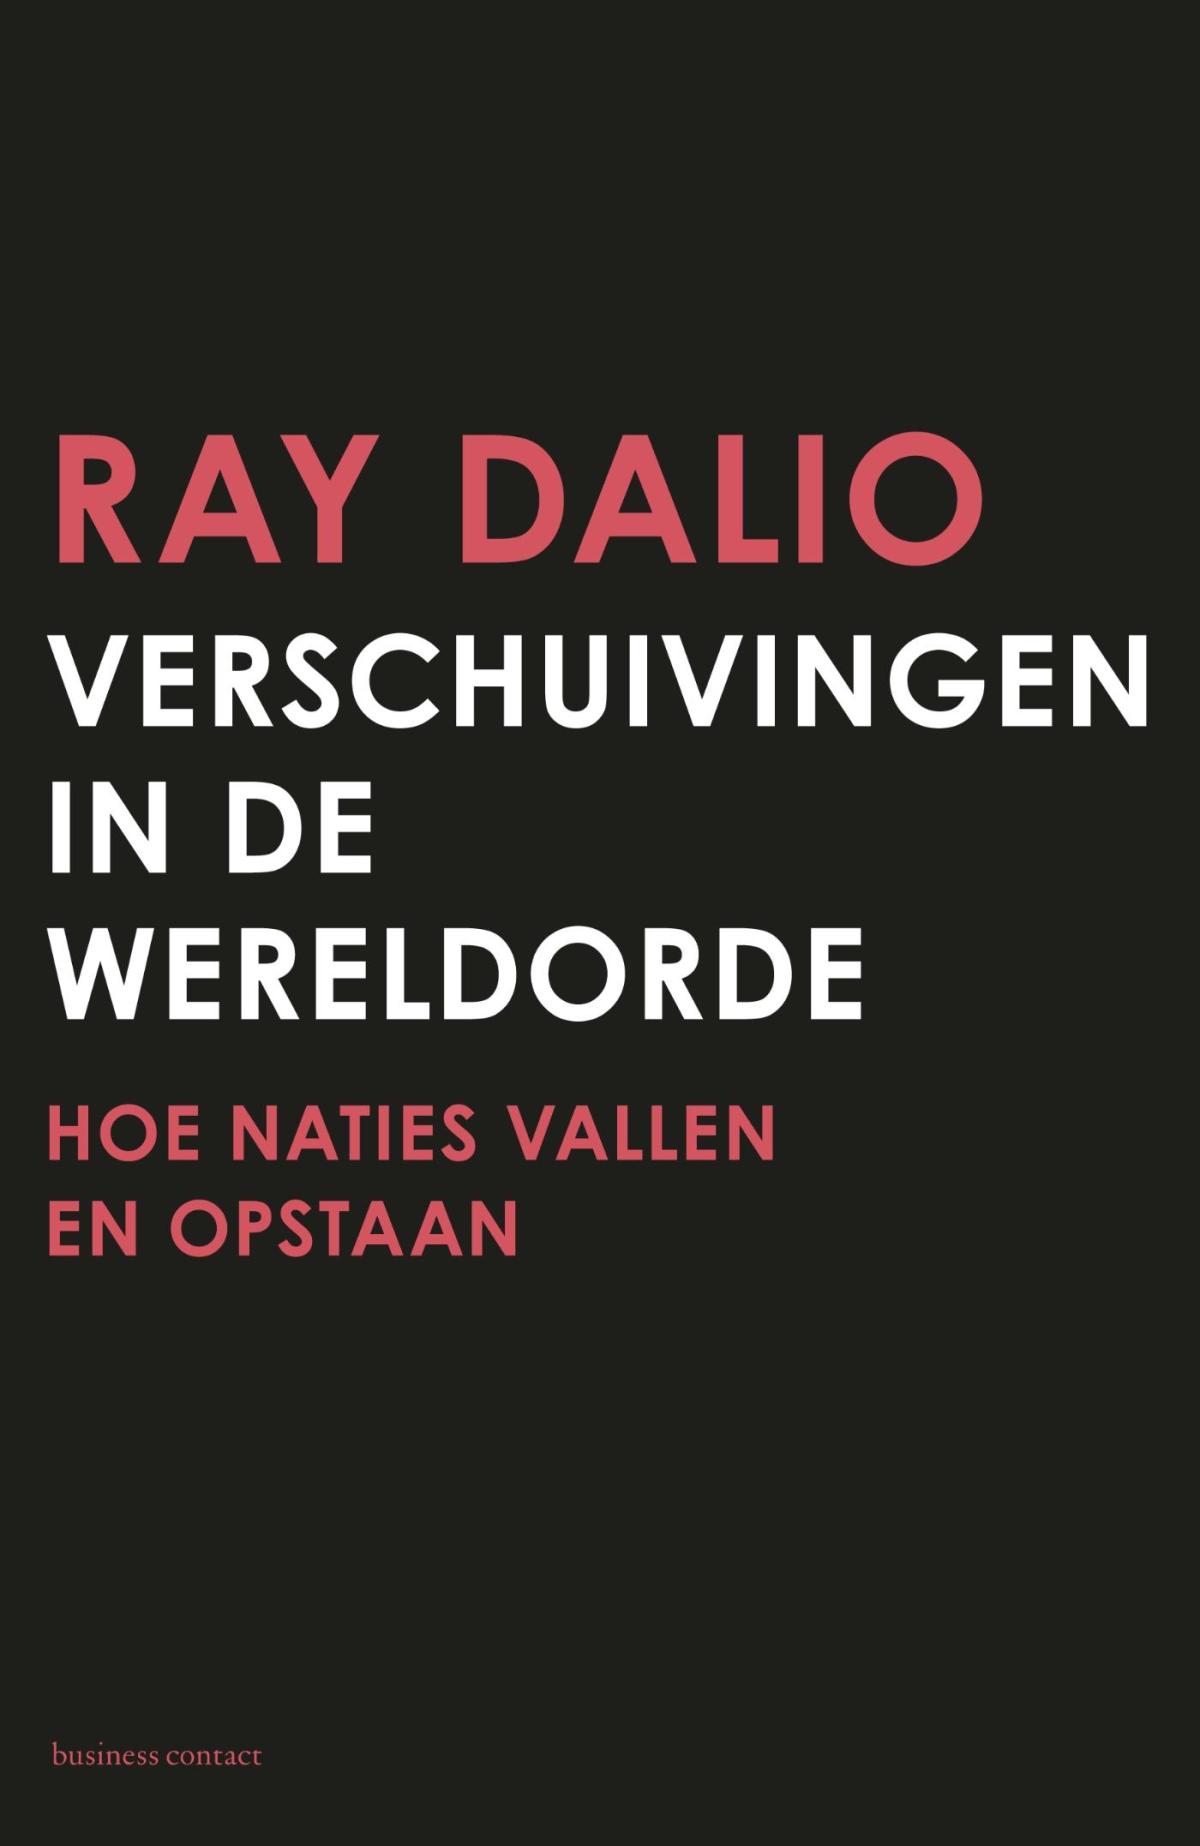 Verschuivingen in de wereldorde - Ray Dalio